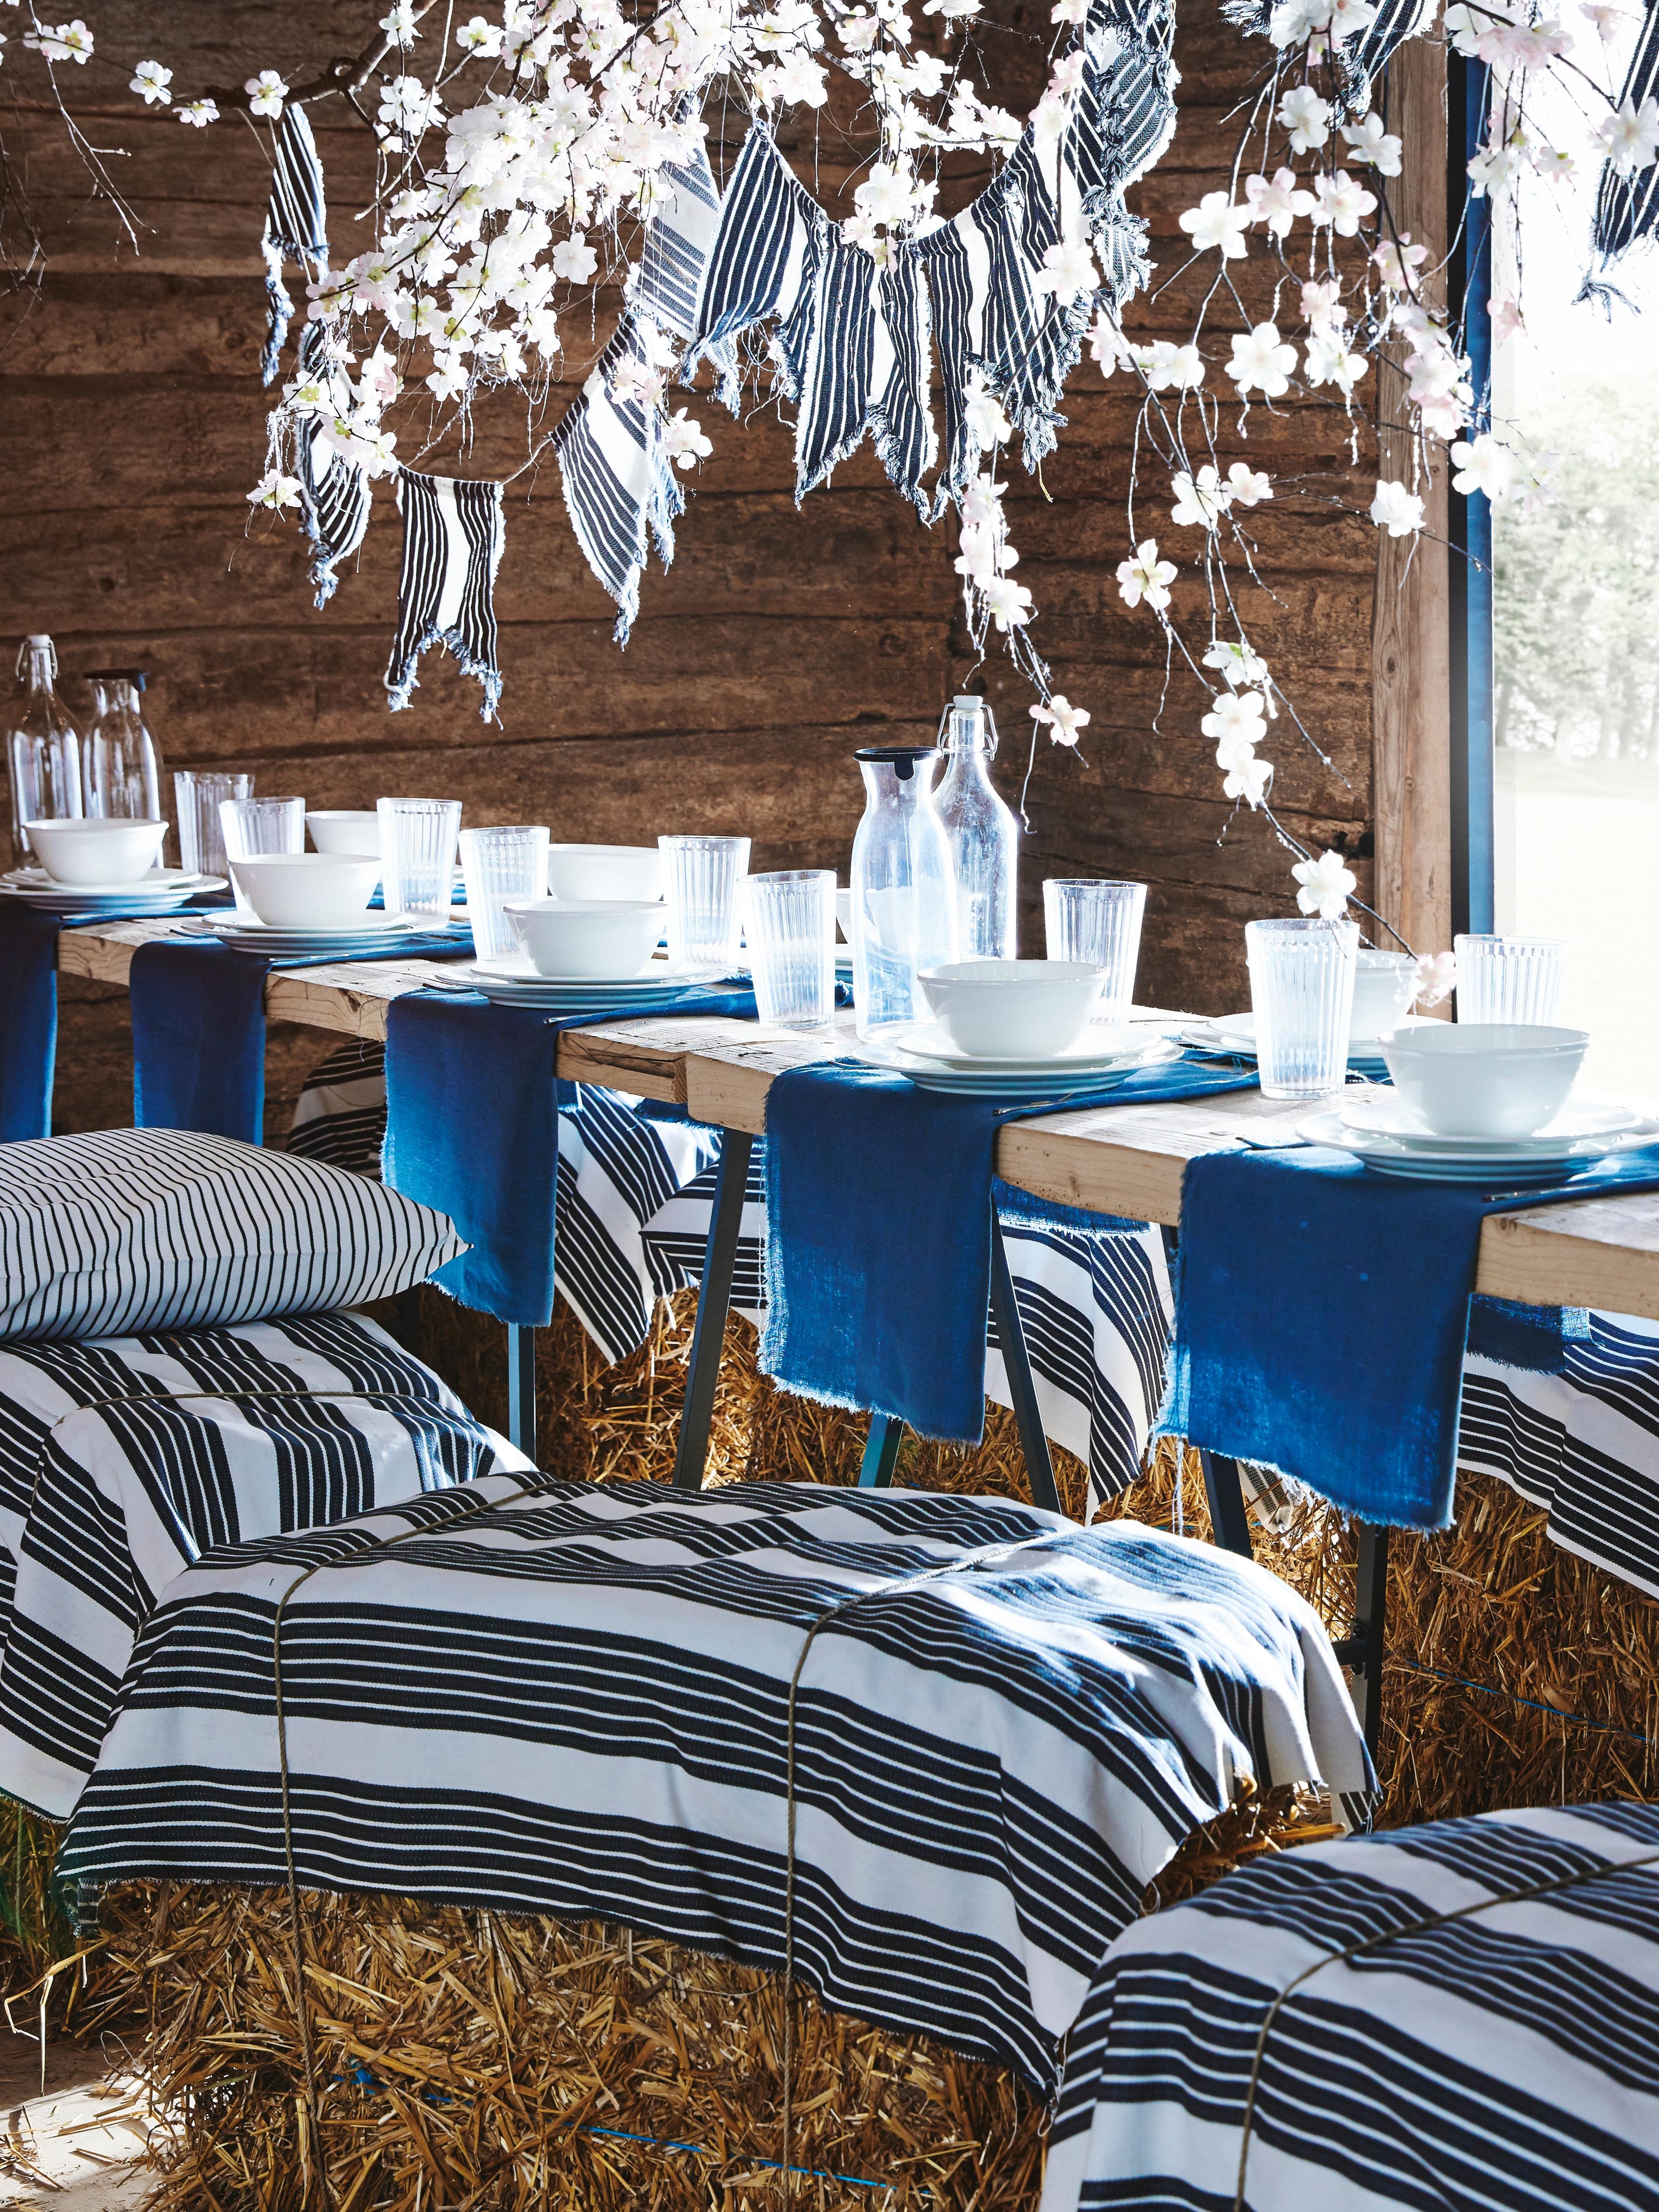 Un fienile con tavoli lunghi e balle di fieno usate come sedie, completate con tessuto a metraggio METTALISE a righe bianche/grigie.